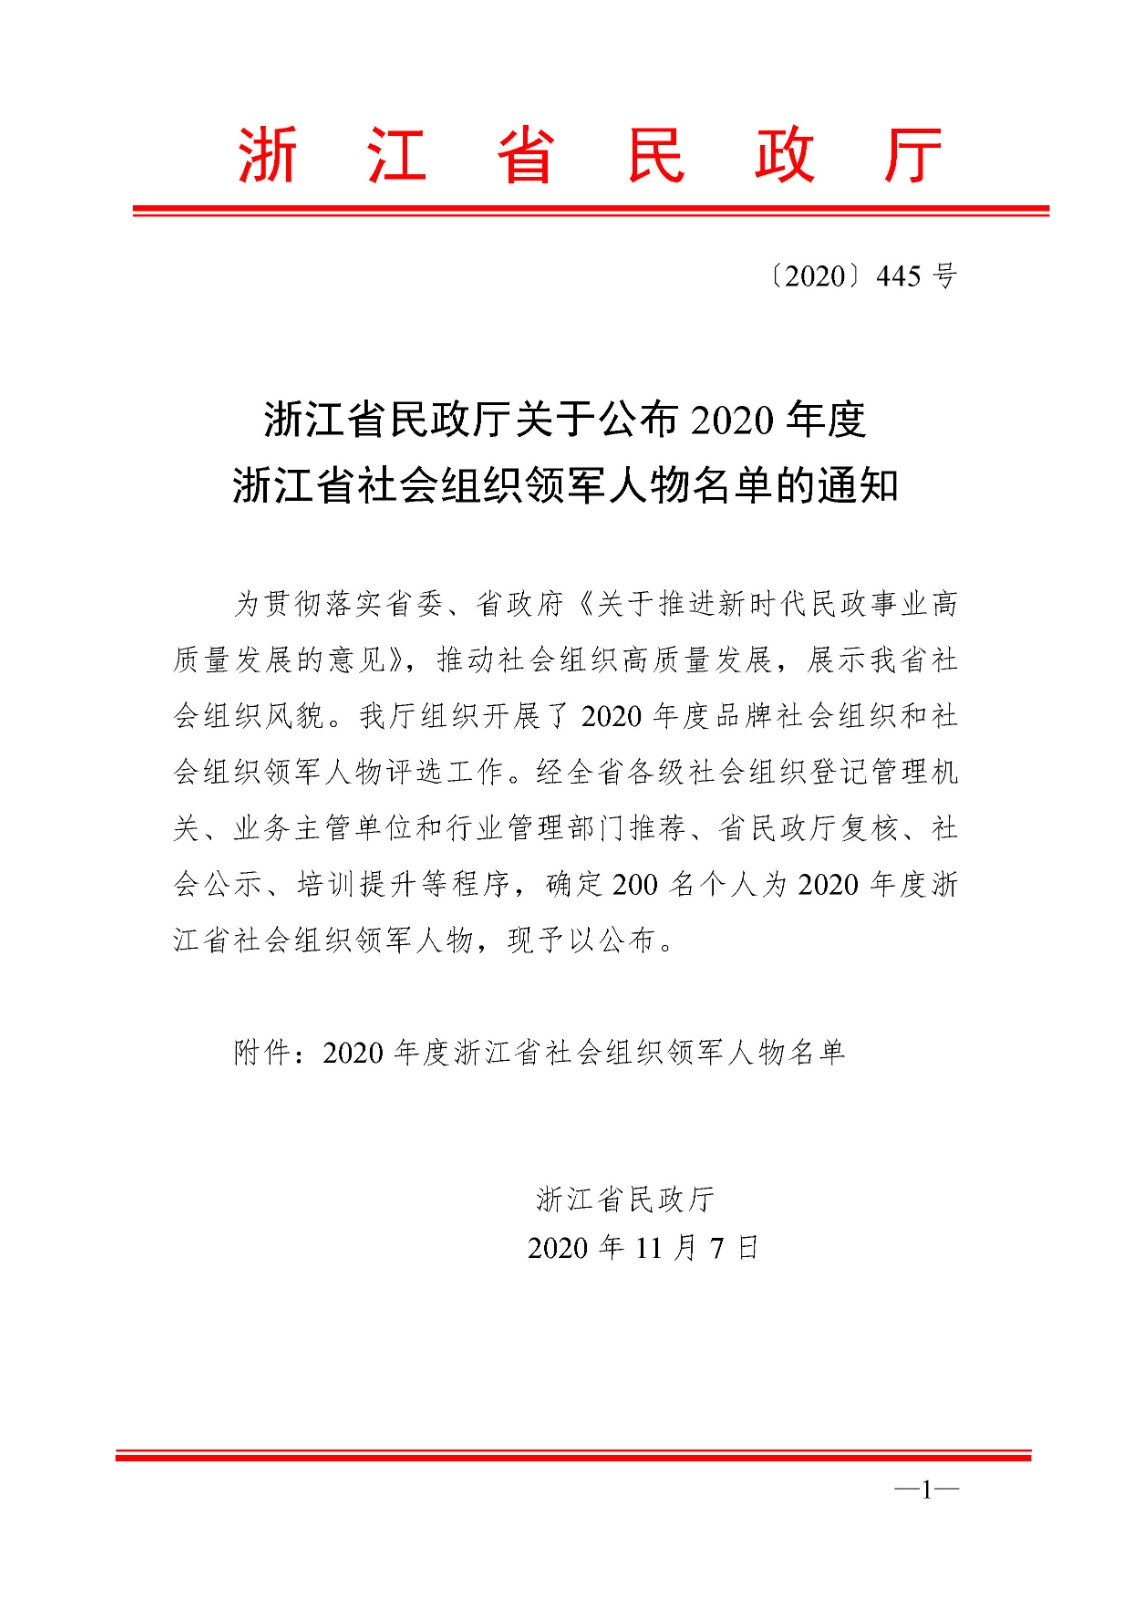 2020年度浙江省社会组织领军人物